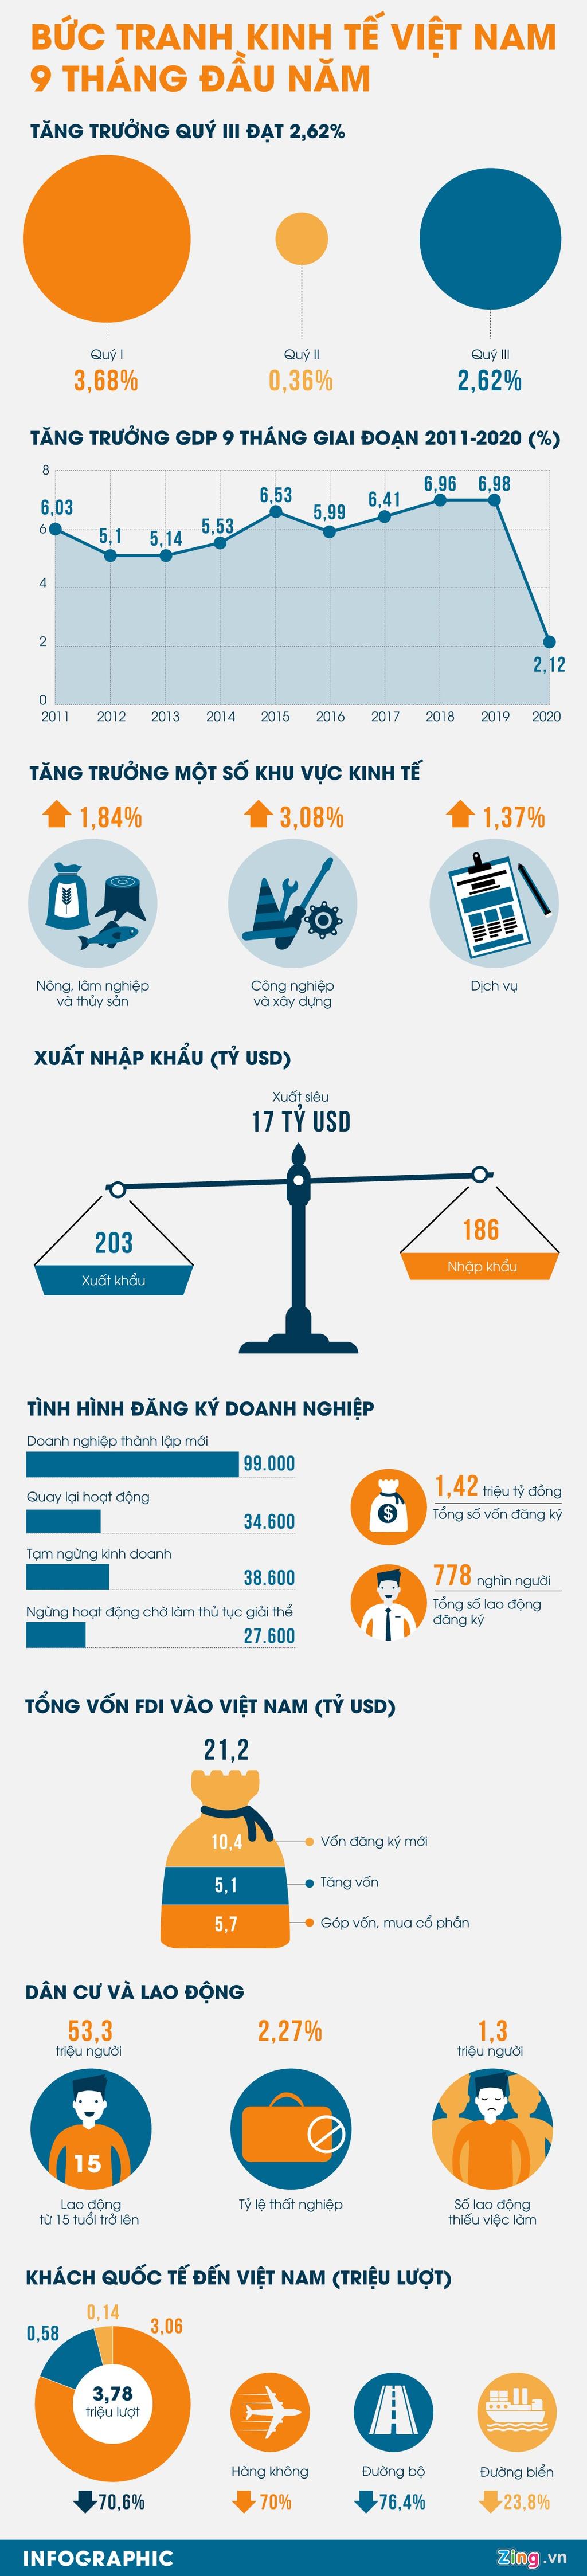 [Infographics] Bức tranh kinh tế Việt Nam trong 9 tháng đầu năm - Ảnh 1